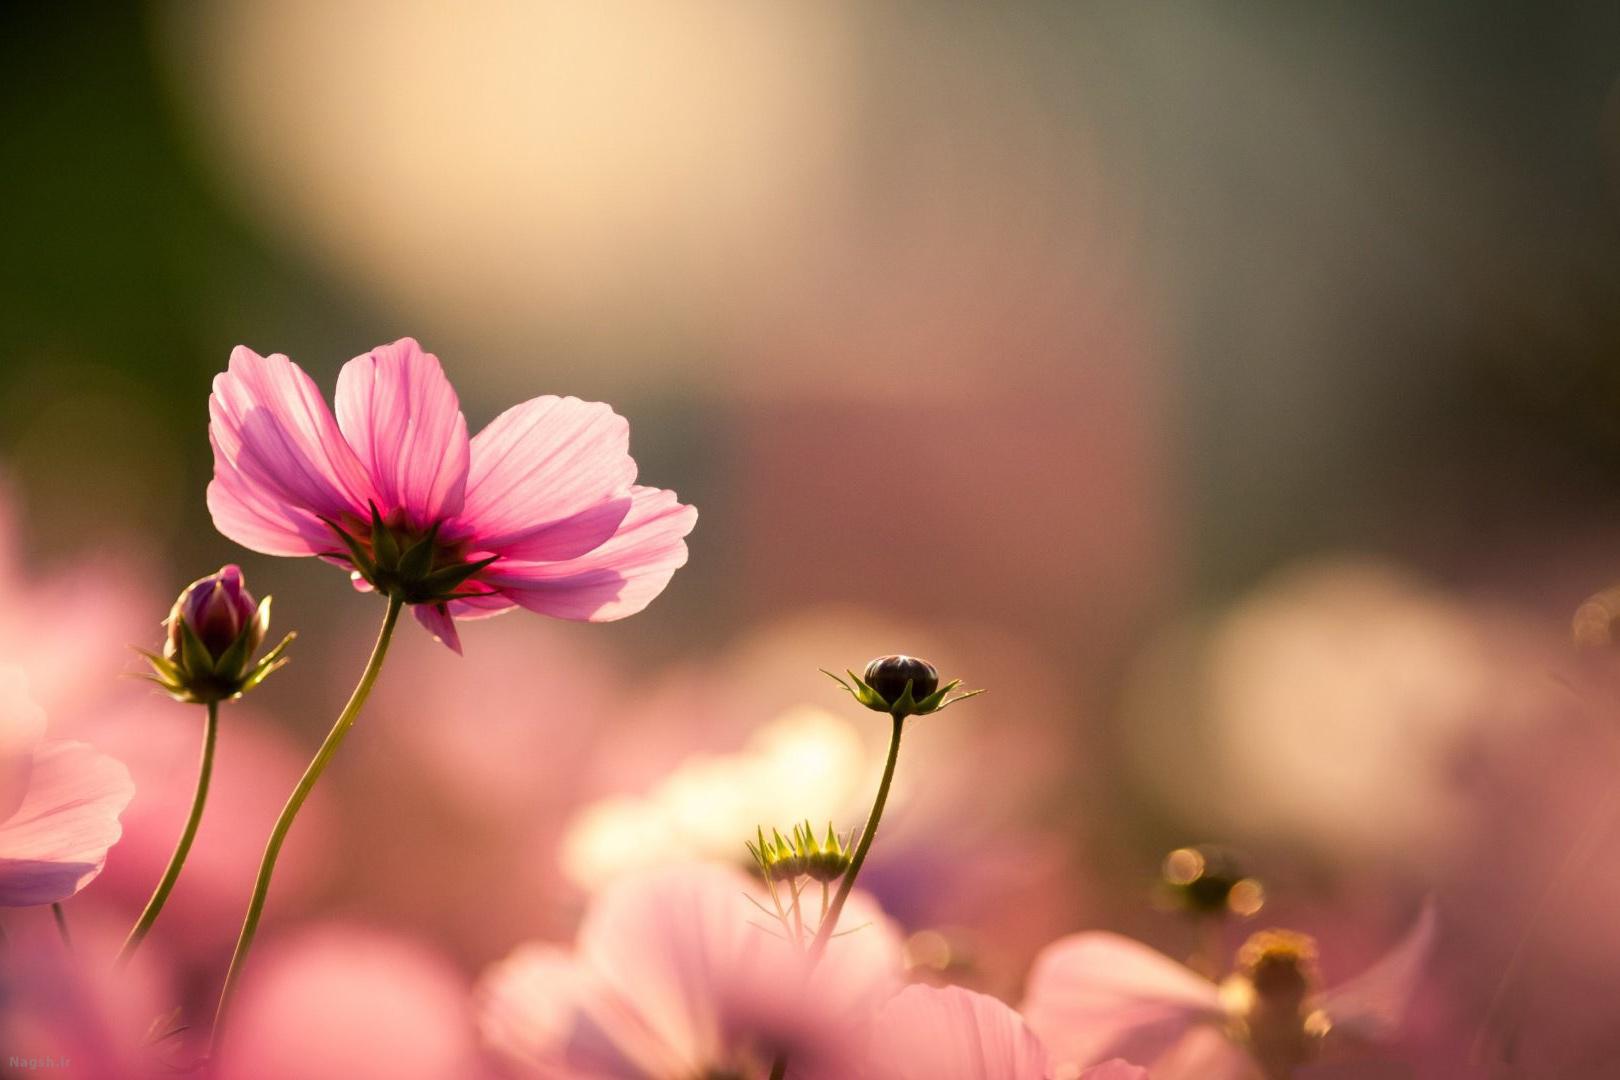 عکس فصل بهار با کیفیت بالا